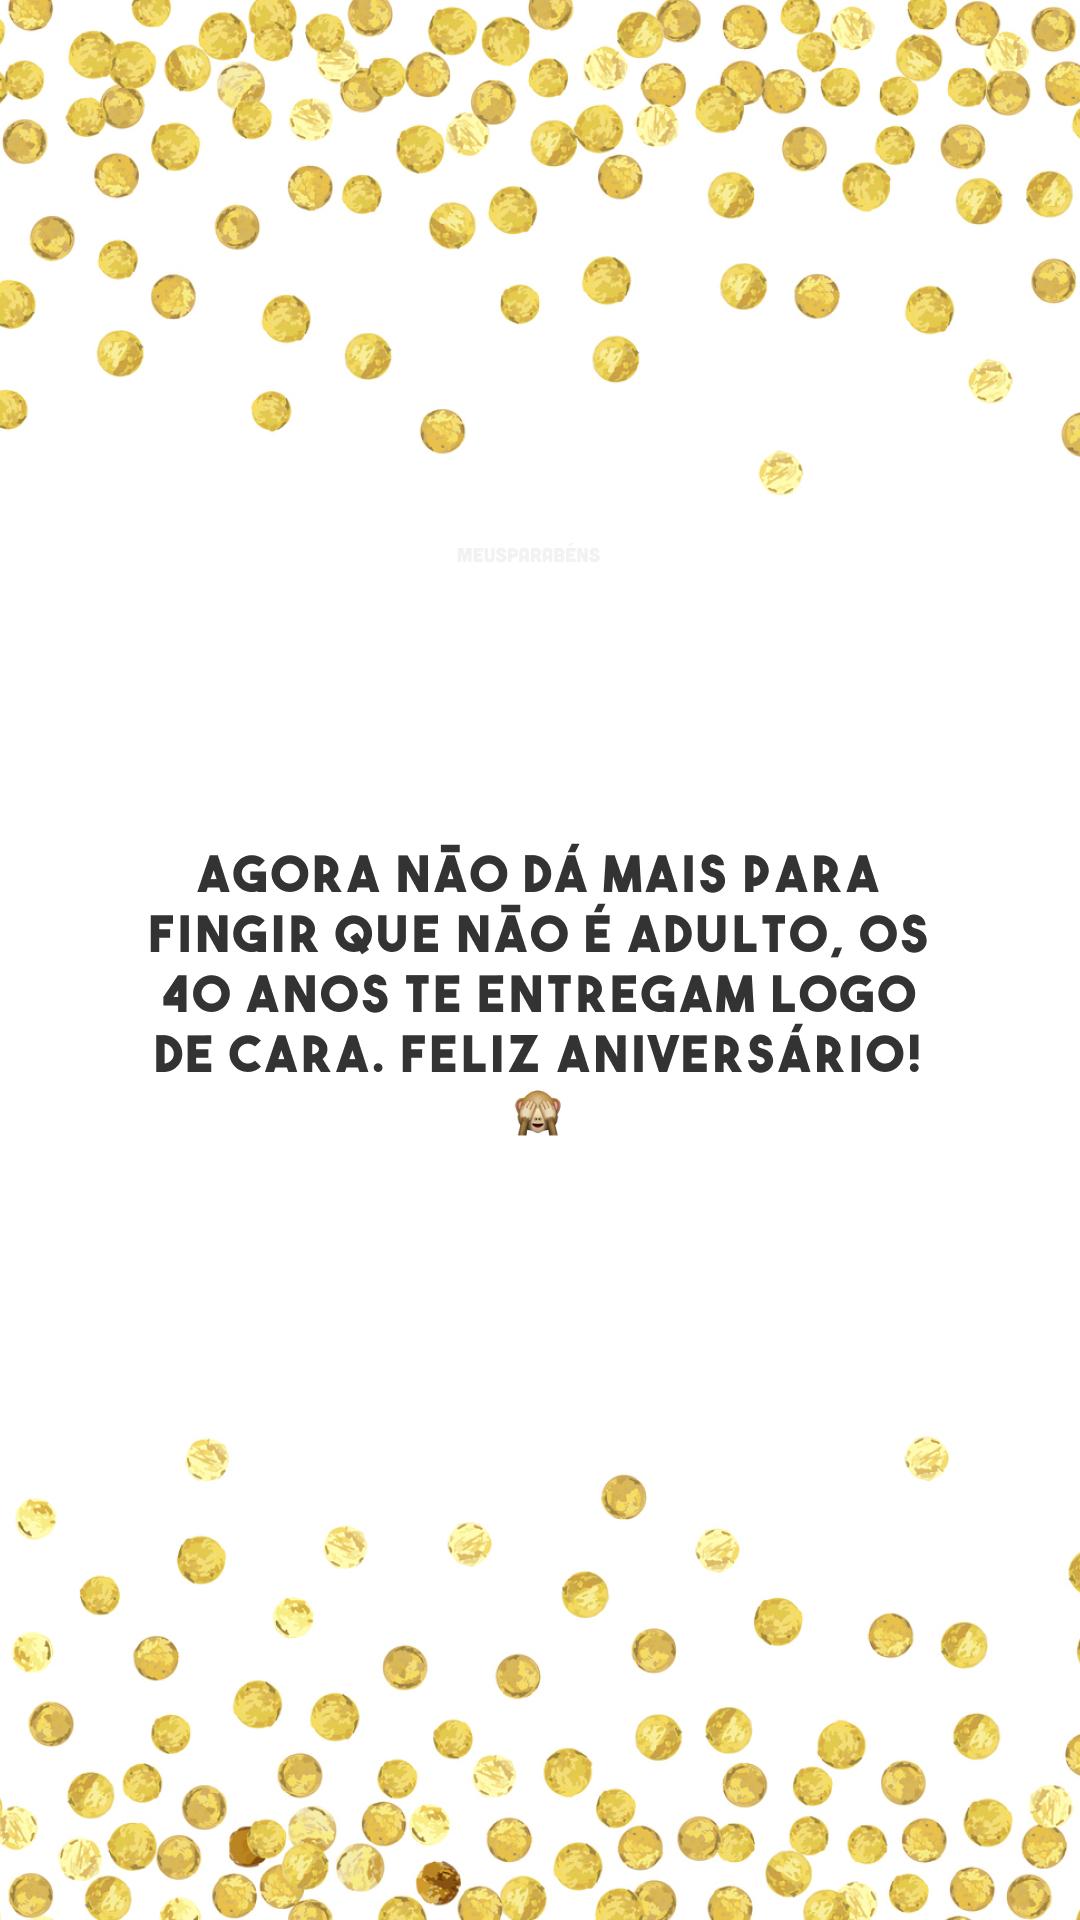 Agora não dá mais para fingir que não é adulto, os 40 anos te entregam logo de cara. Feliz aniversário! 🙈